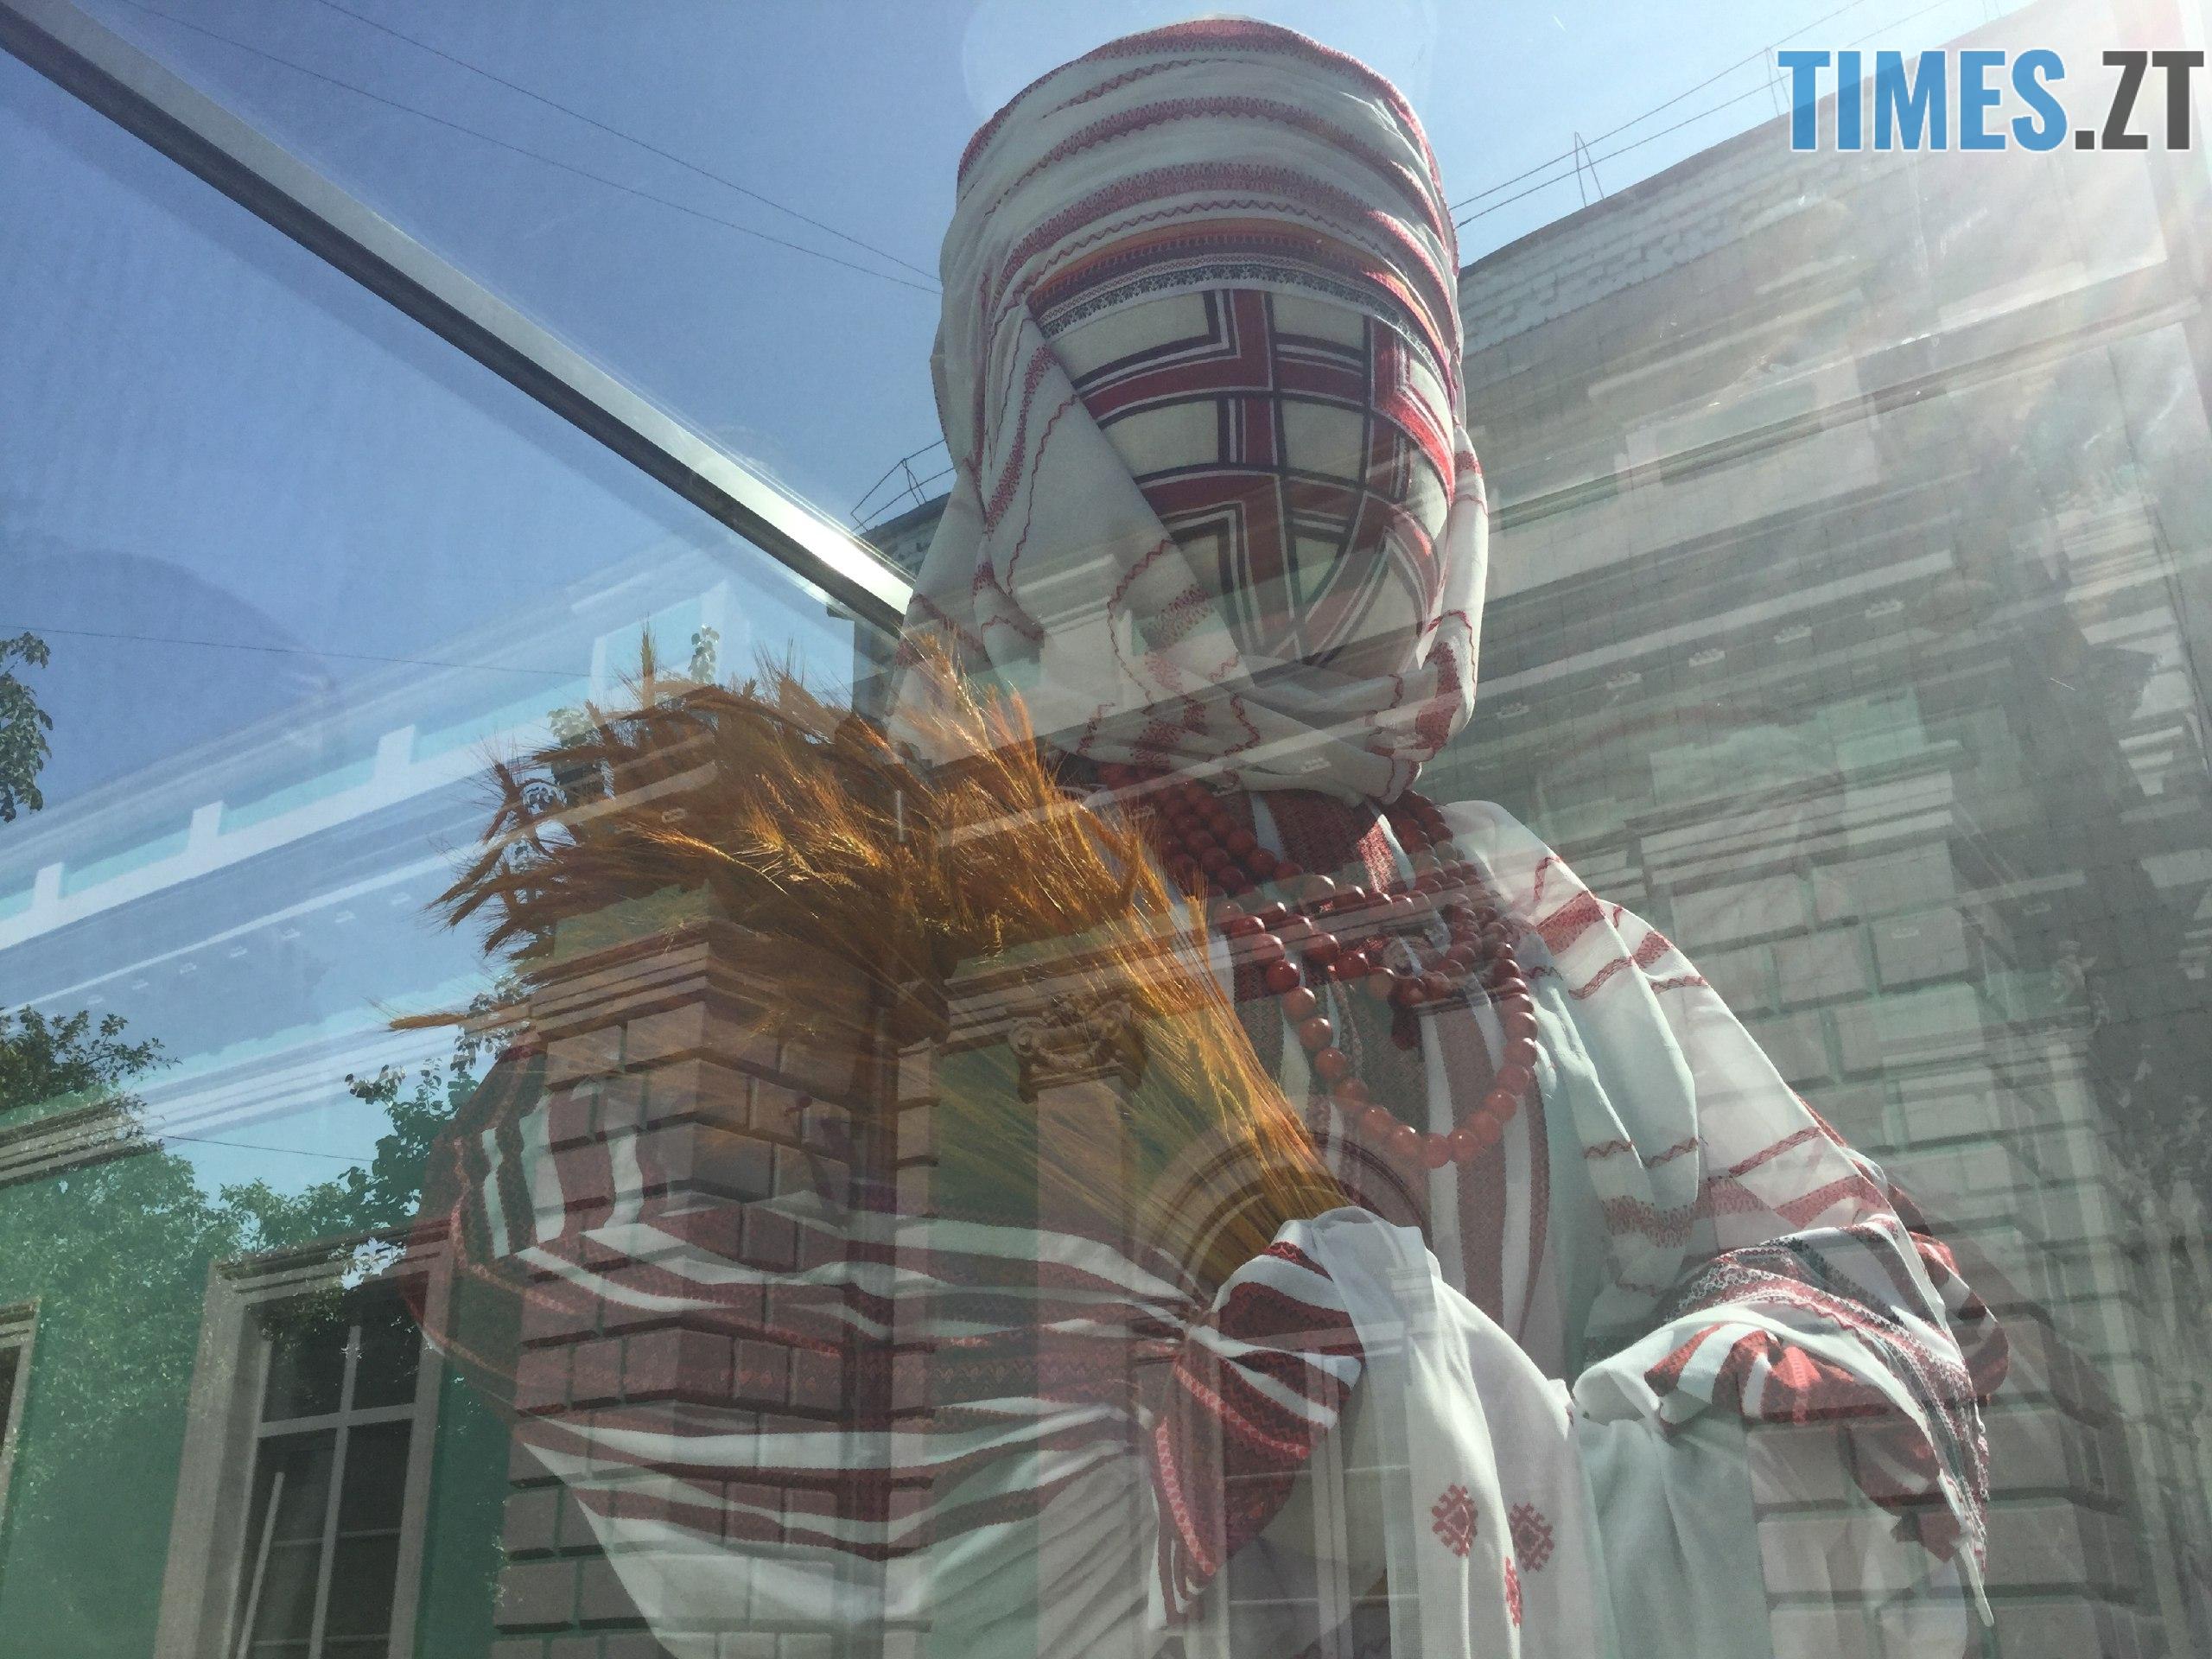 257047da 7bb4 4a43 b874 3cbb14247126 - До Дня незалежності у Житомирі «переодяглася» лялька-мотанка (ФОТО)